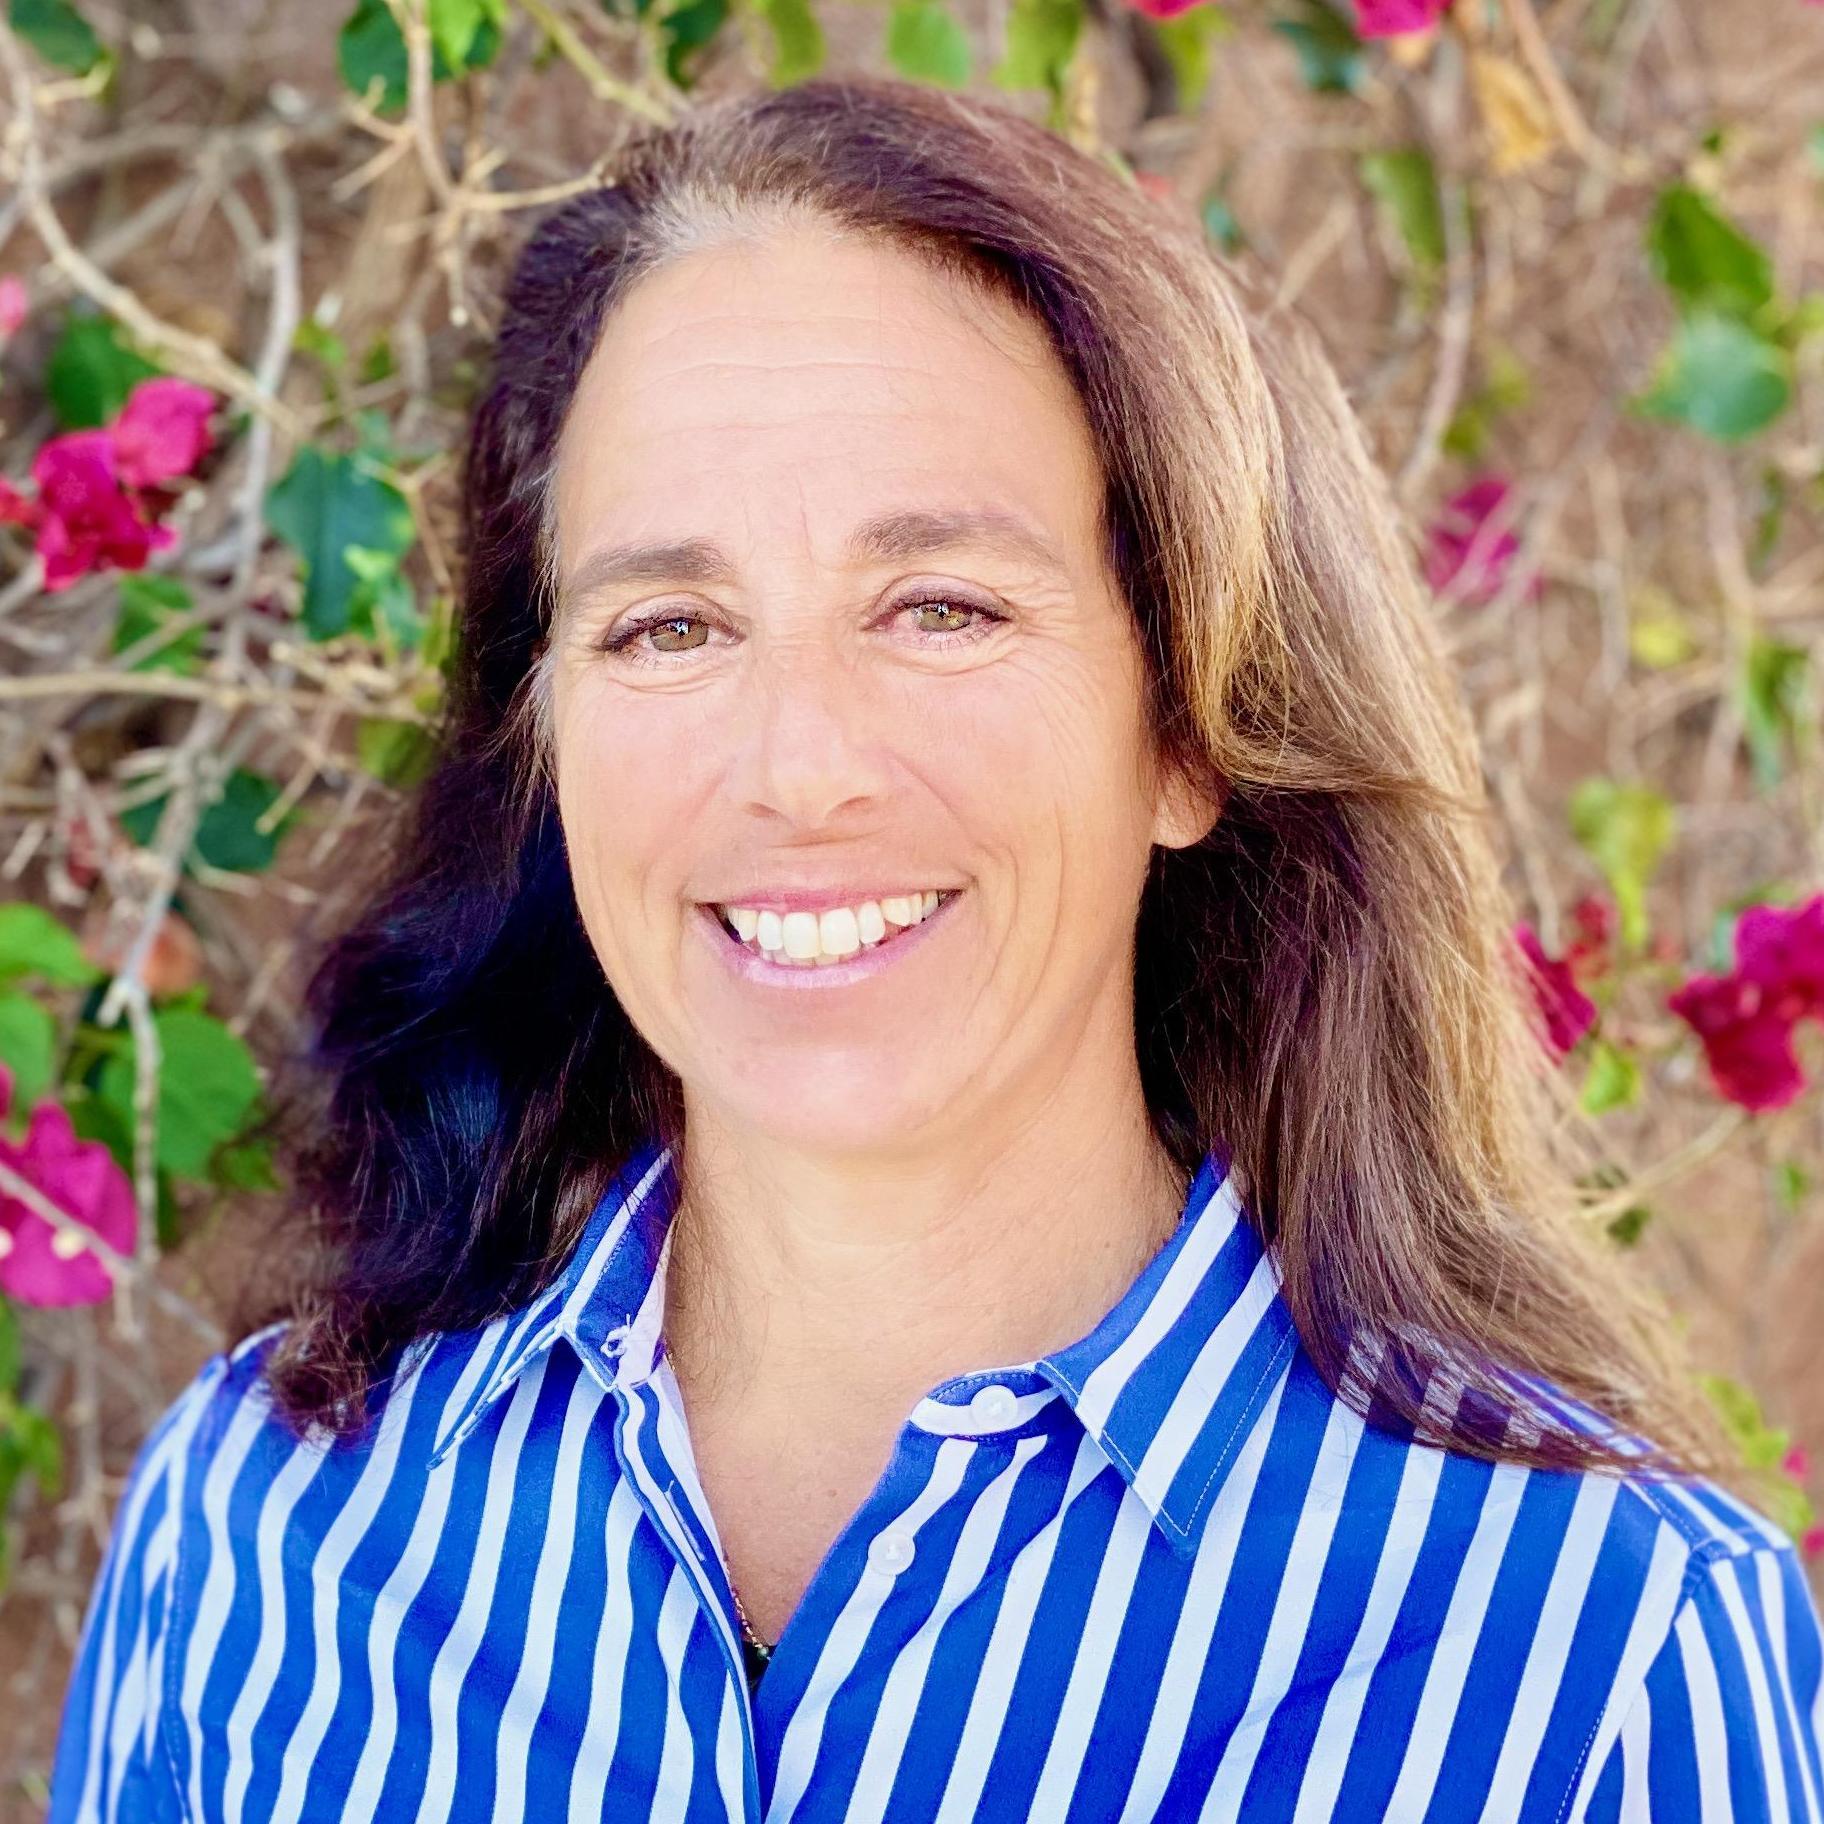 Cathy Sperrazzo's Profile Photo